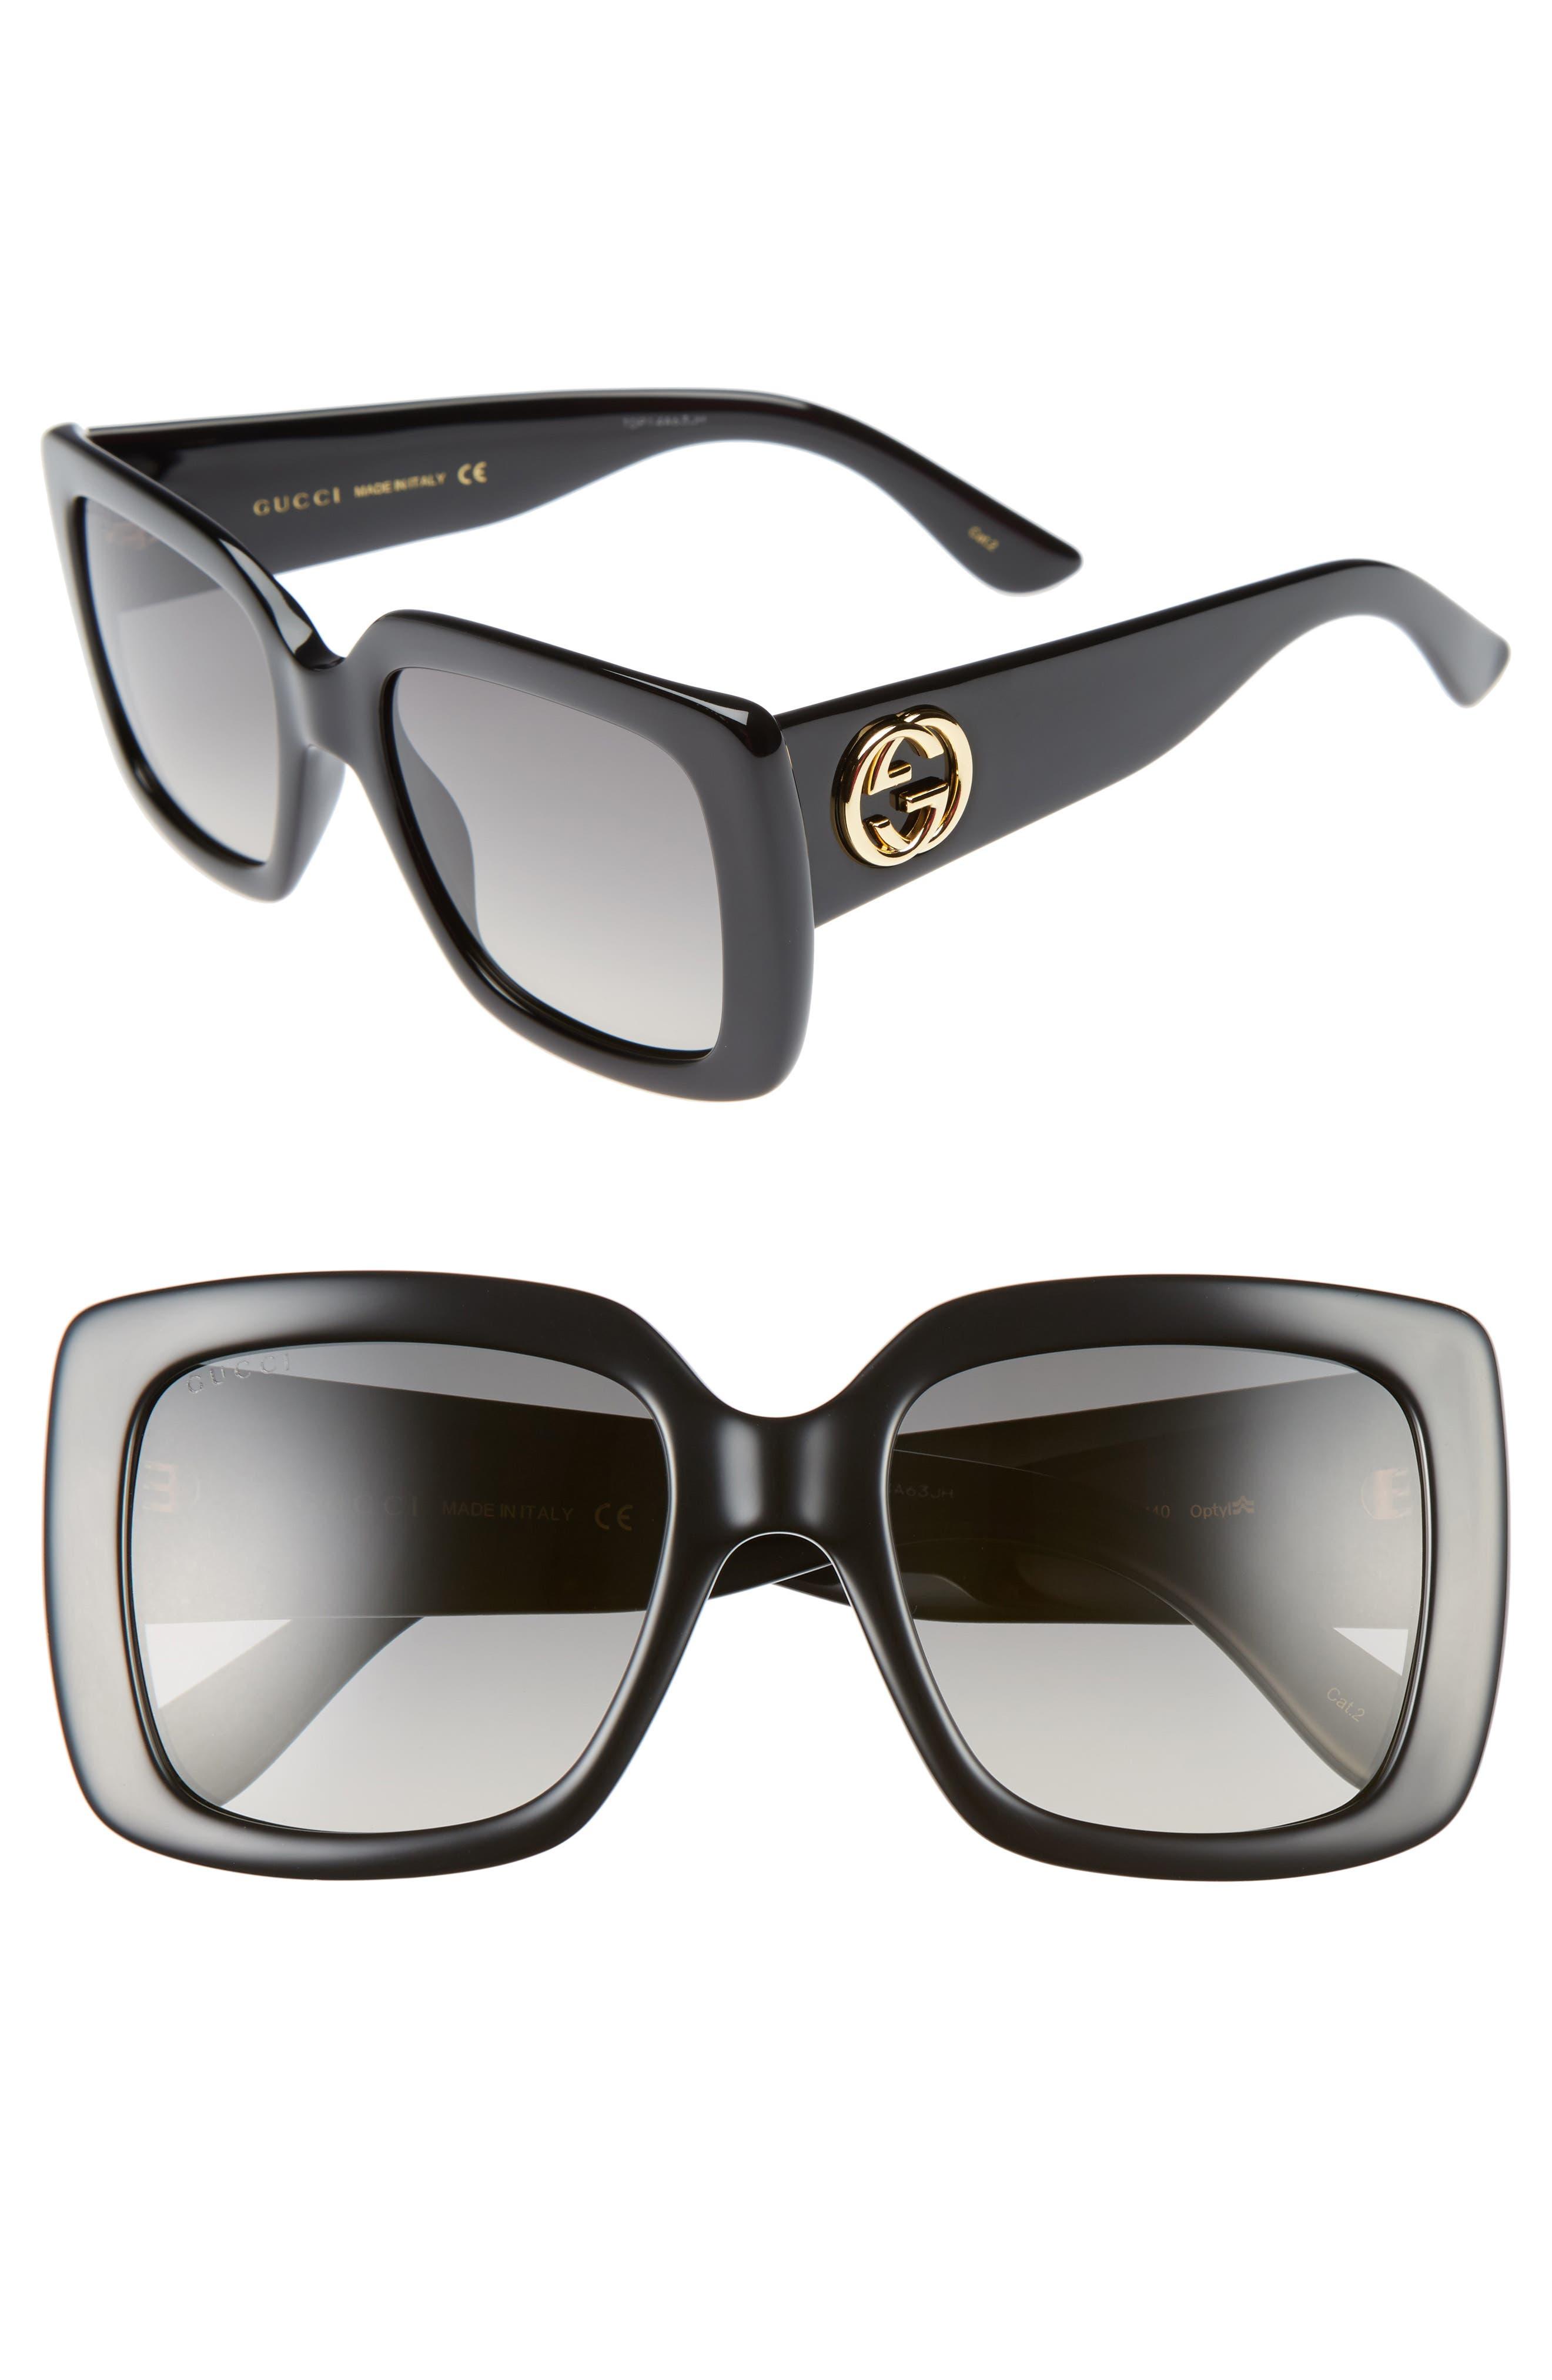 gucci reading glasses. gucci 53mm square sunglasses reading glasses i